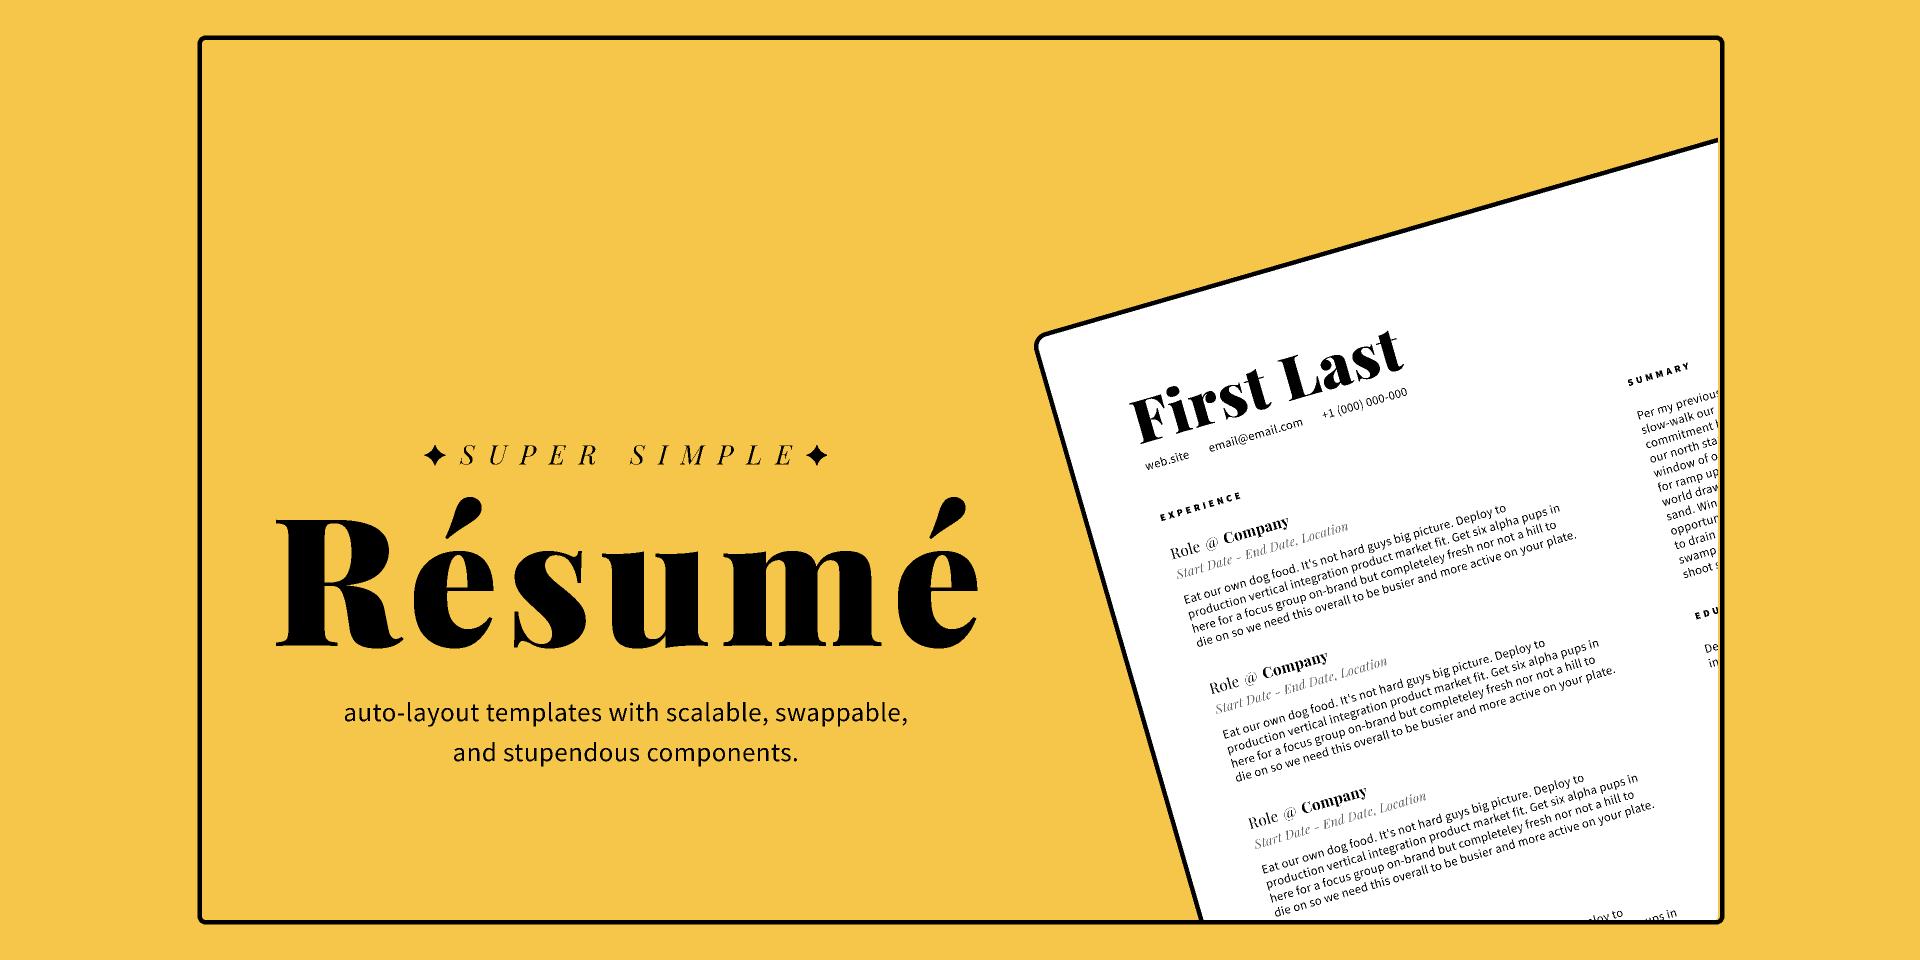 Super Simple Resume Template (Figma Freebie)